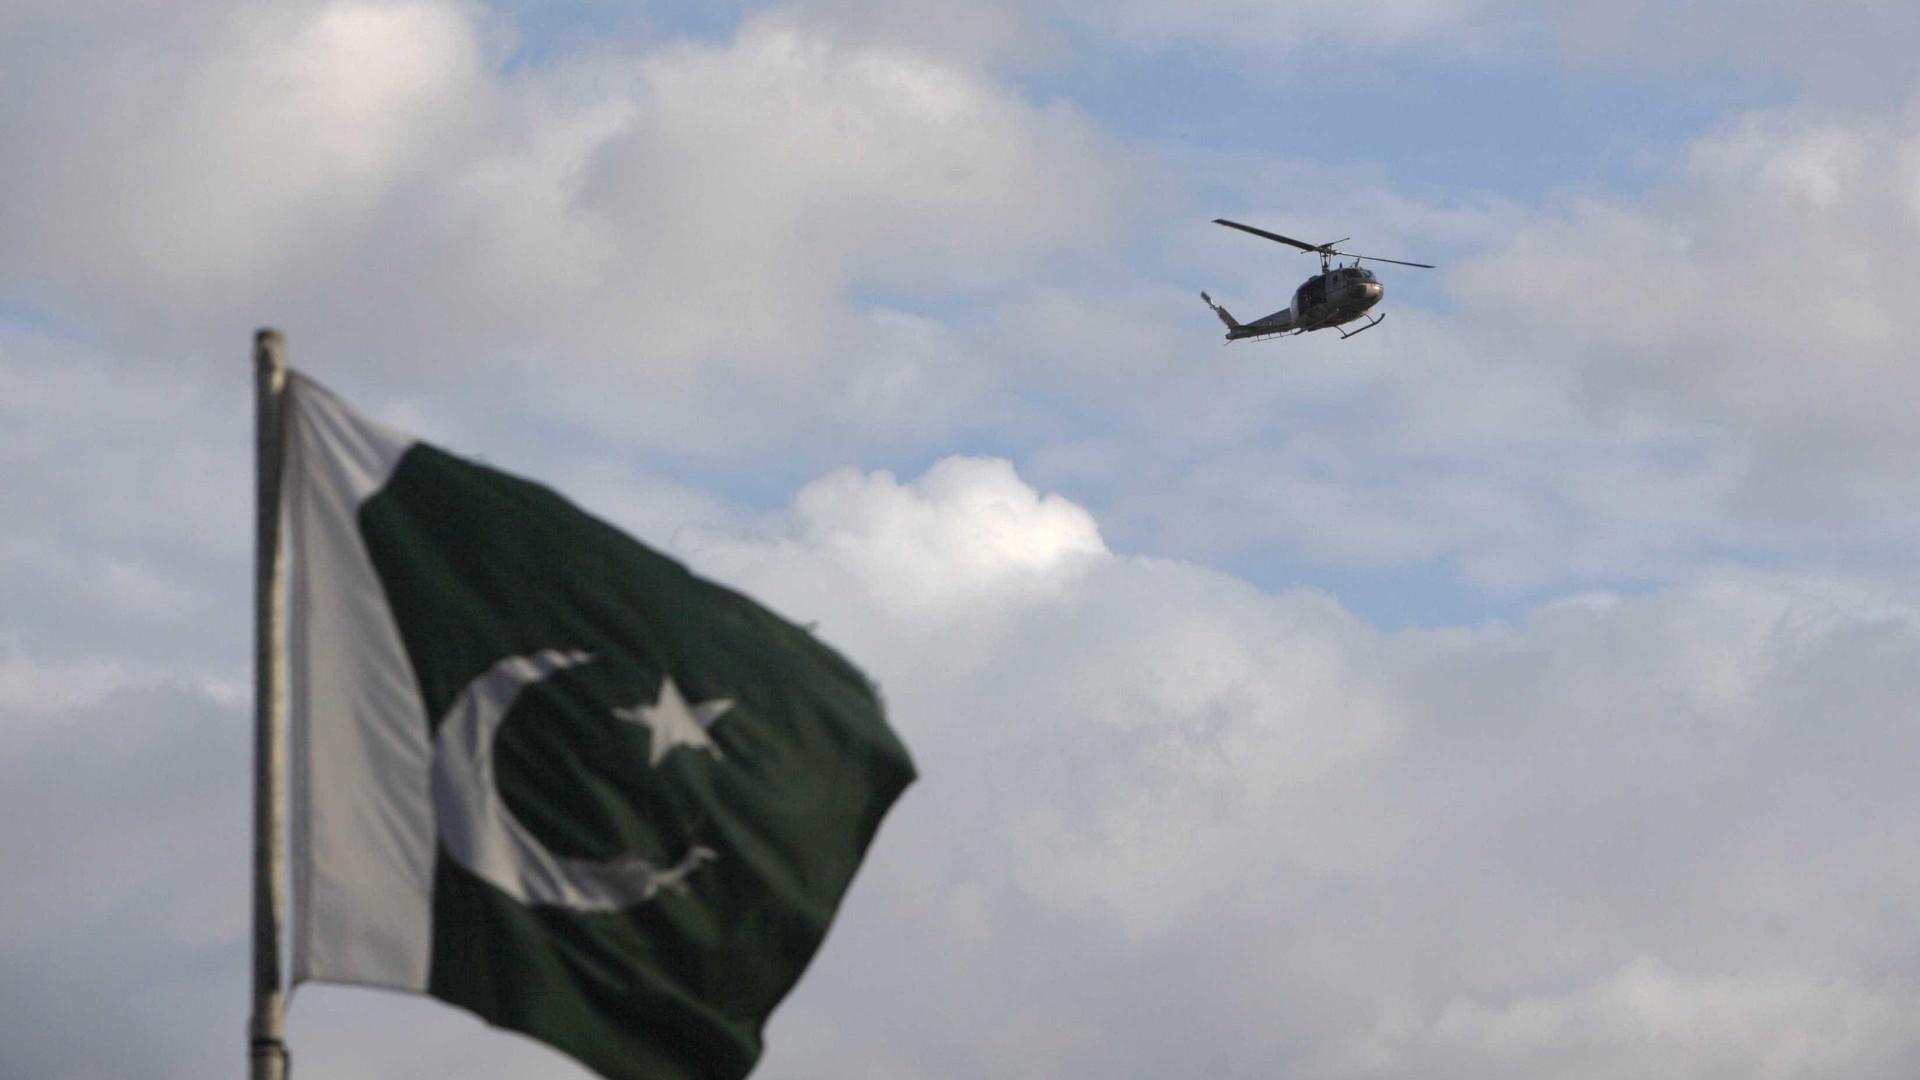 Estado Islâmico teria assumido autoria de atentado no Oeste do Paquistão